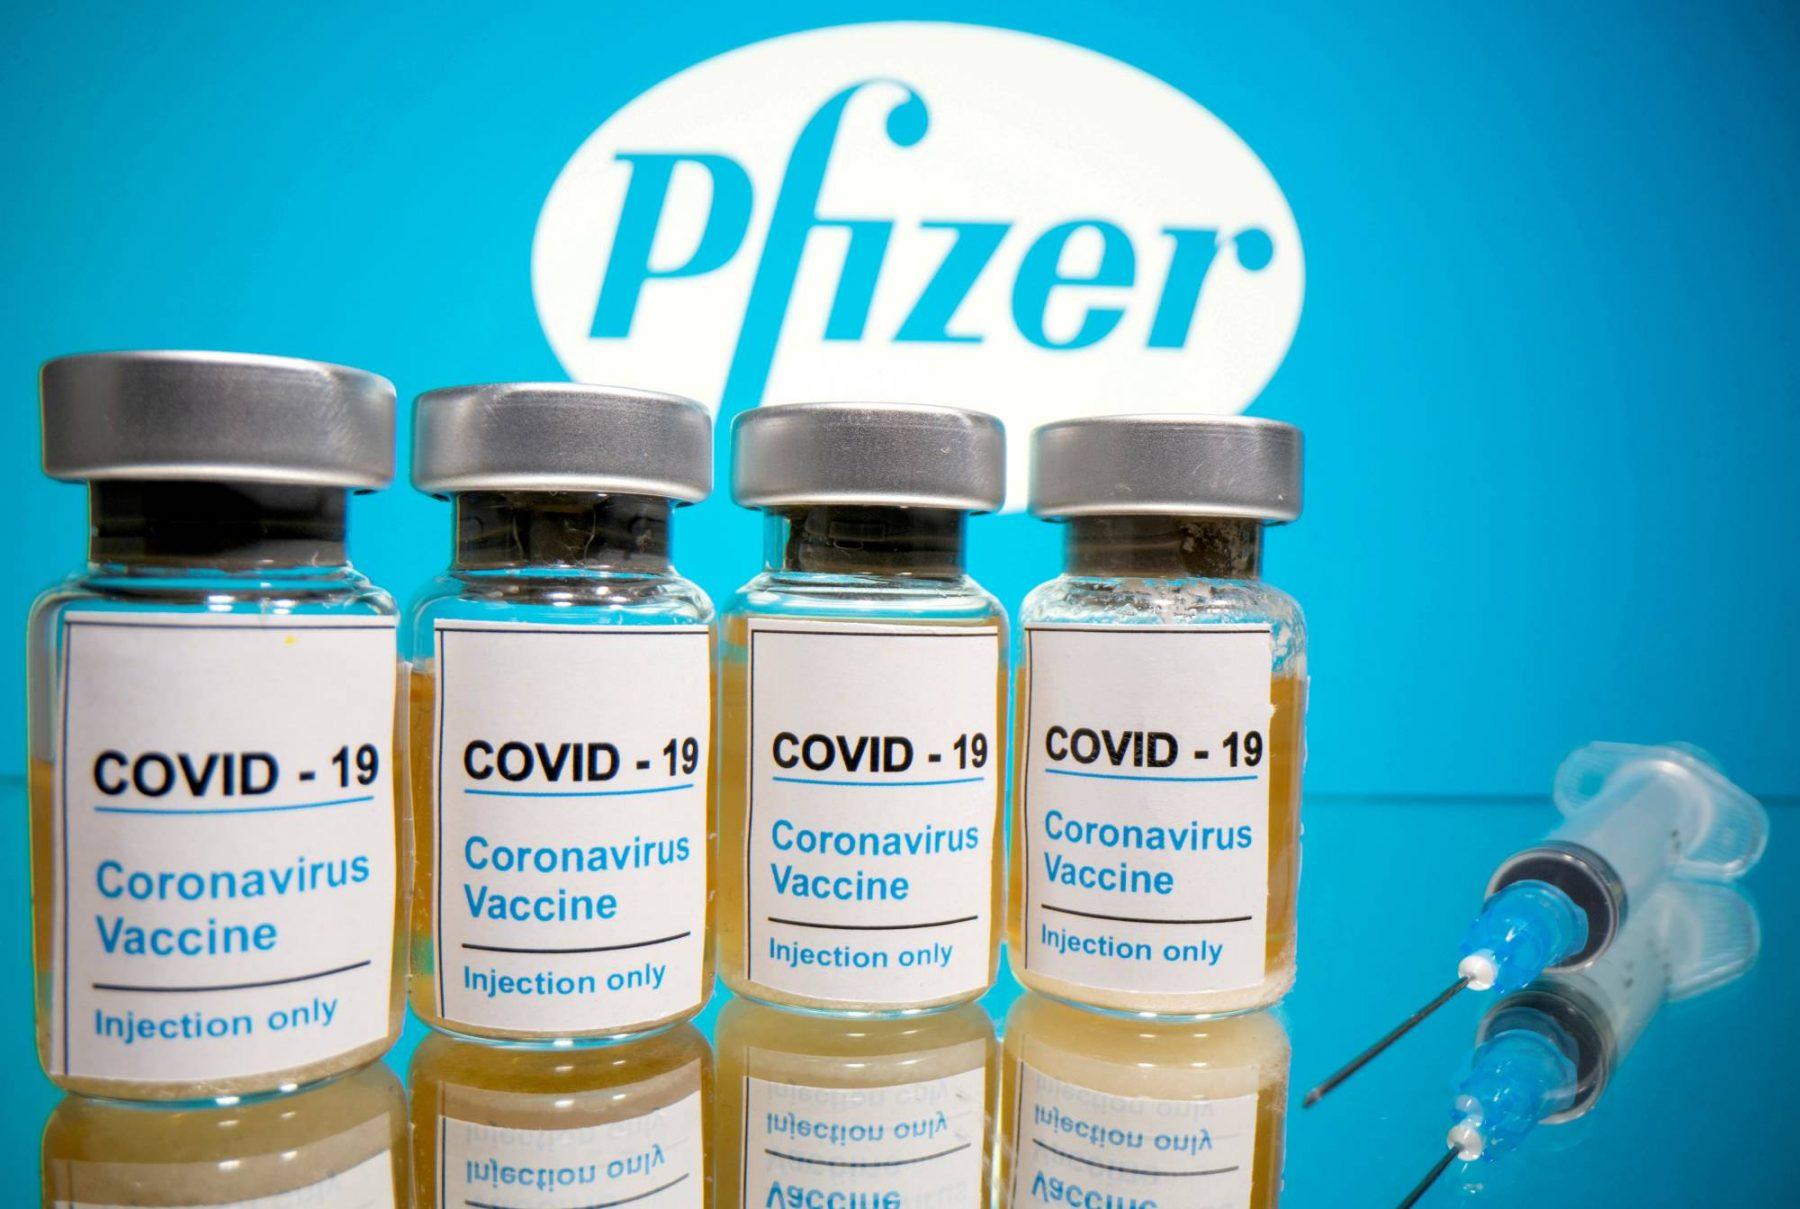 ΒΜΑ Βρετανία Pfizer & BioNTech: Μείωση του διαστήματος ανάμεσα στις δύο δόσεις του εμβολίου